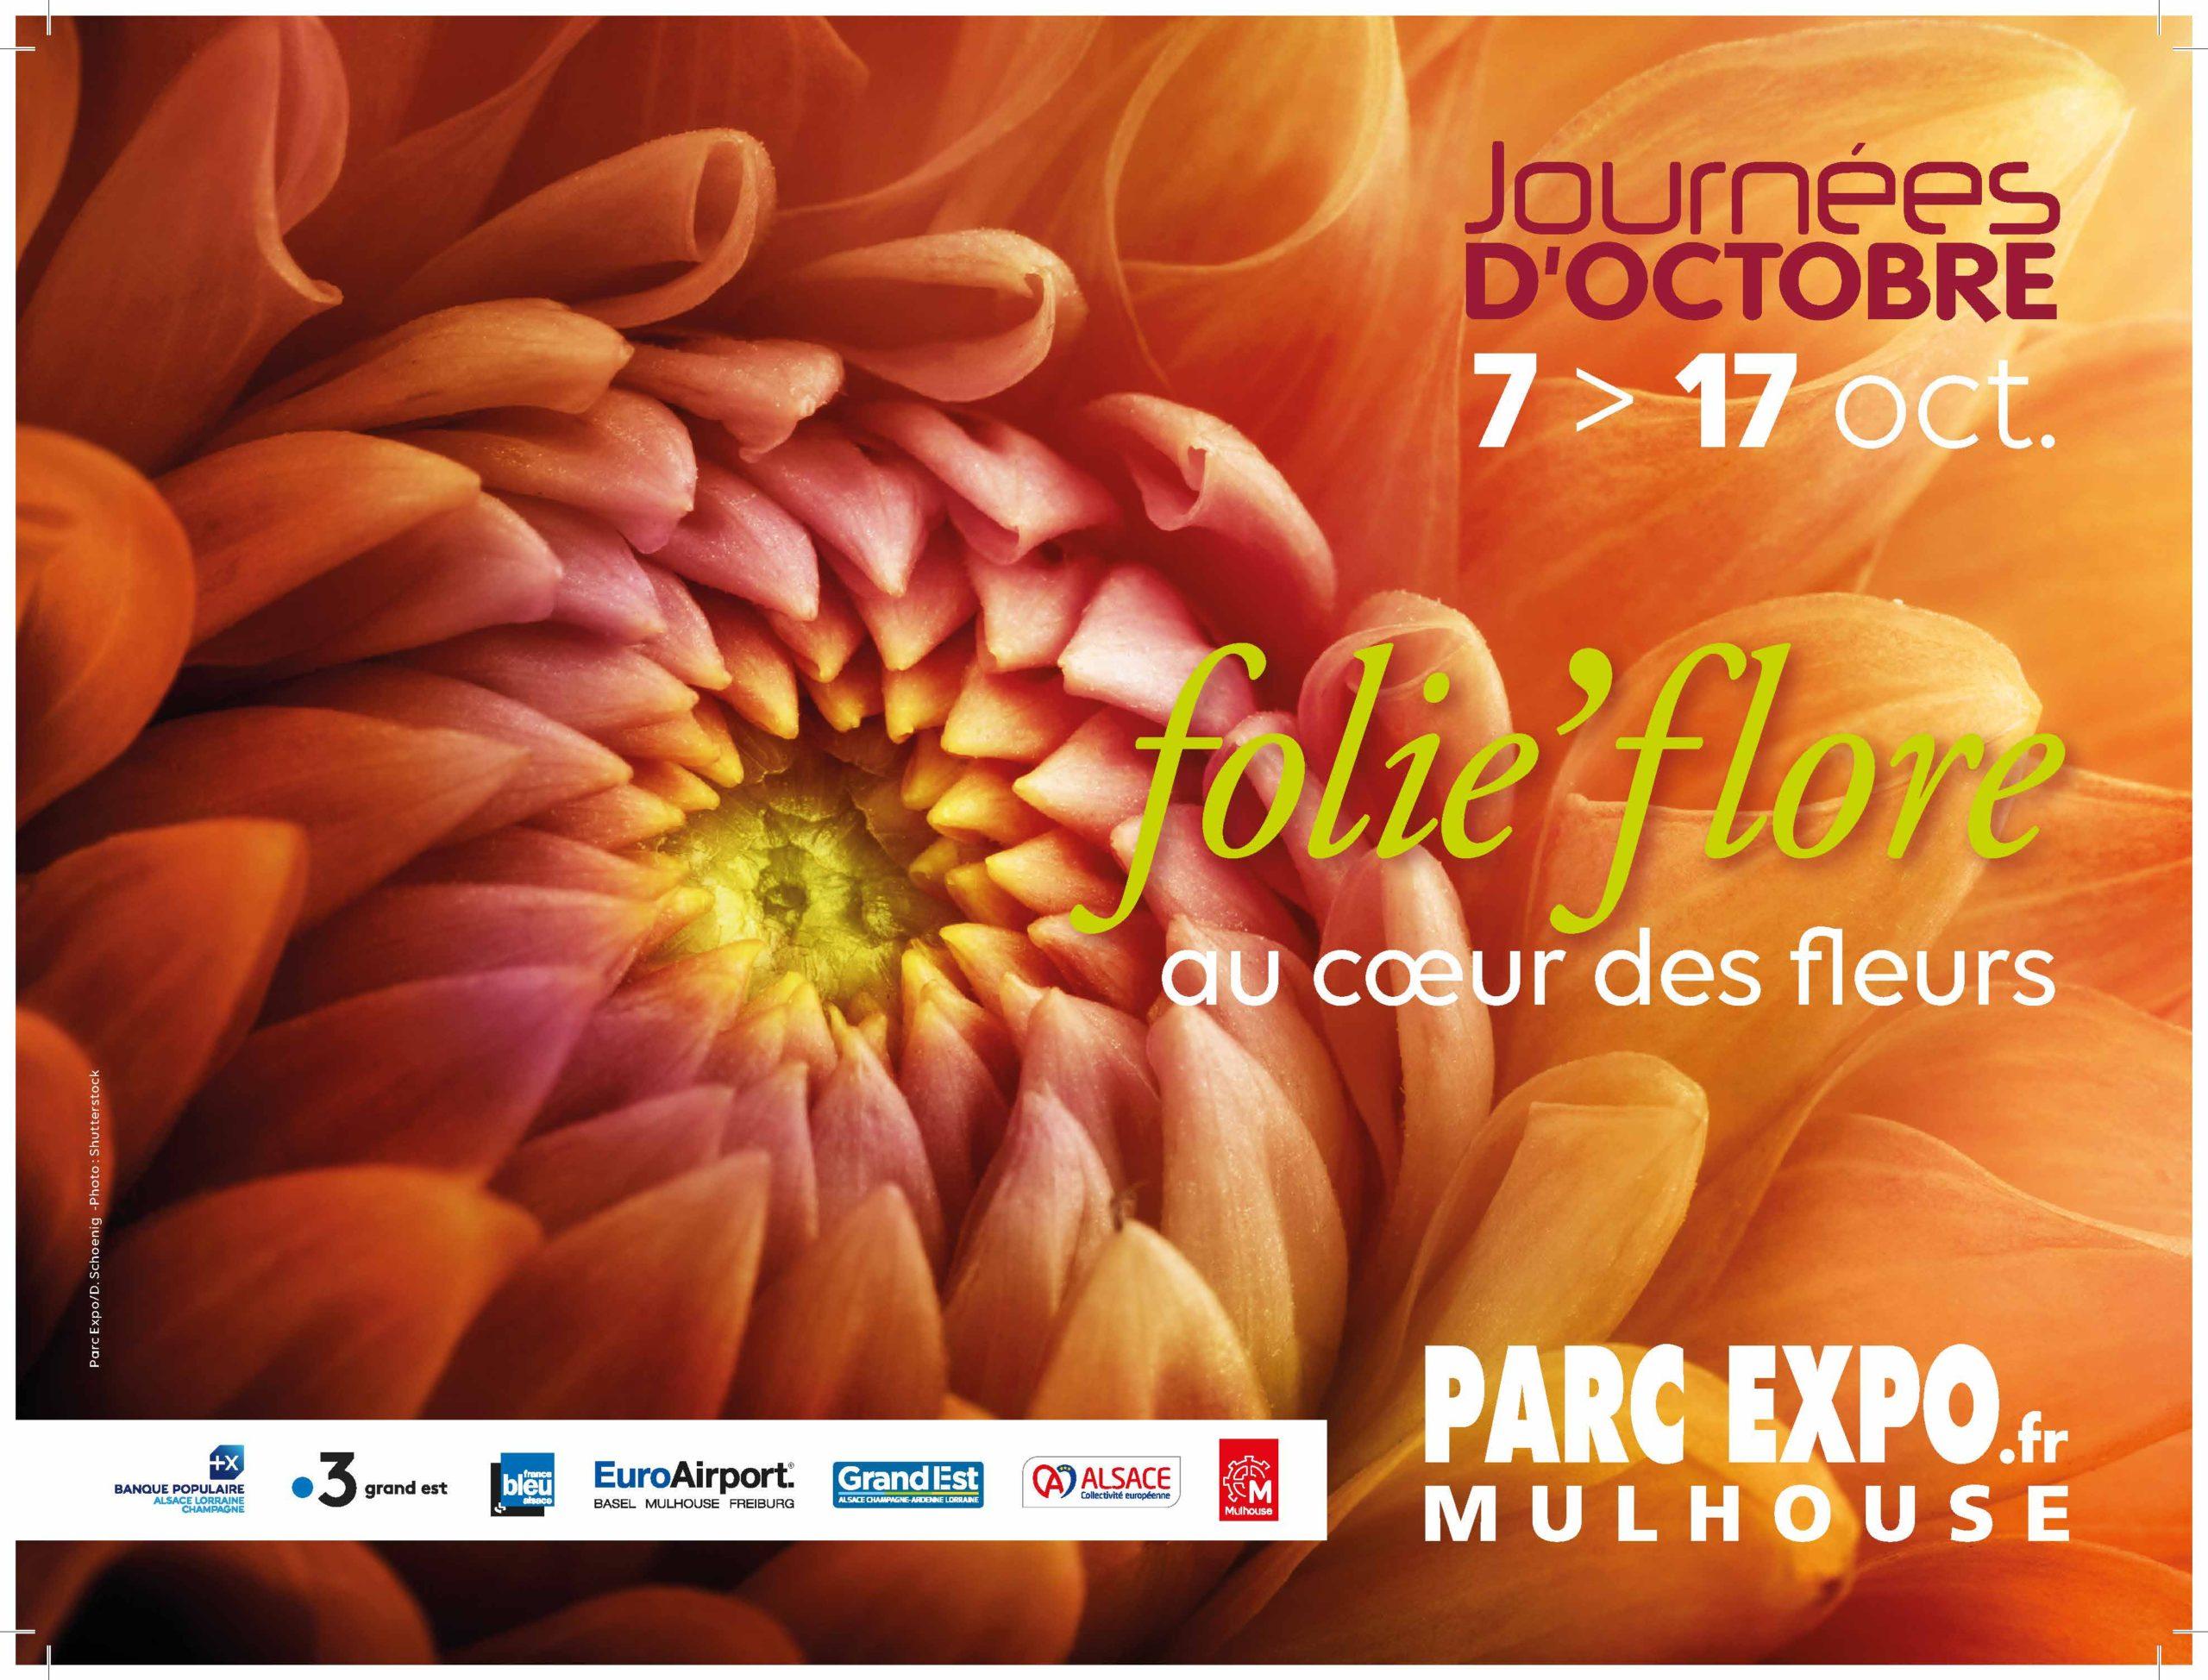 JOURNEE D'OCTOBRE + FOLIE'FLORE